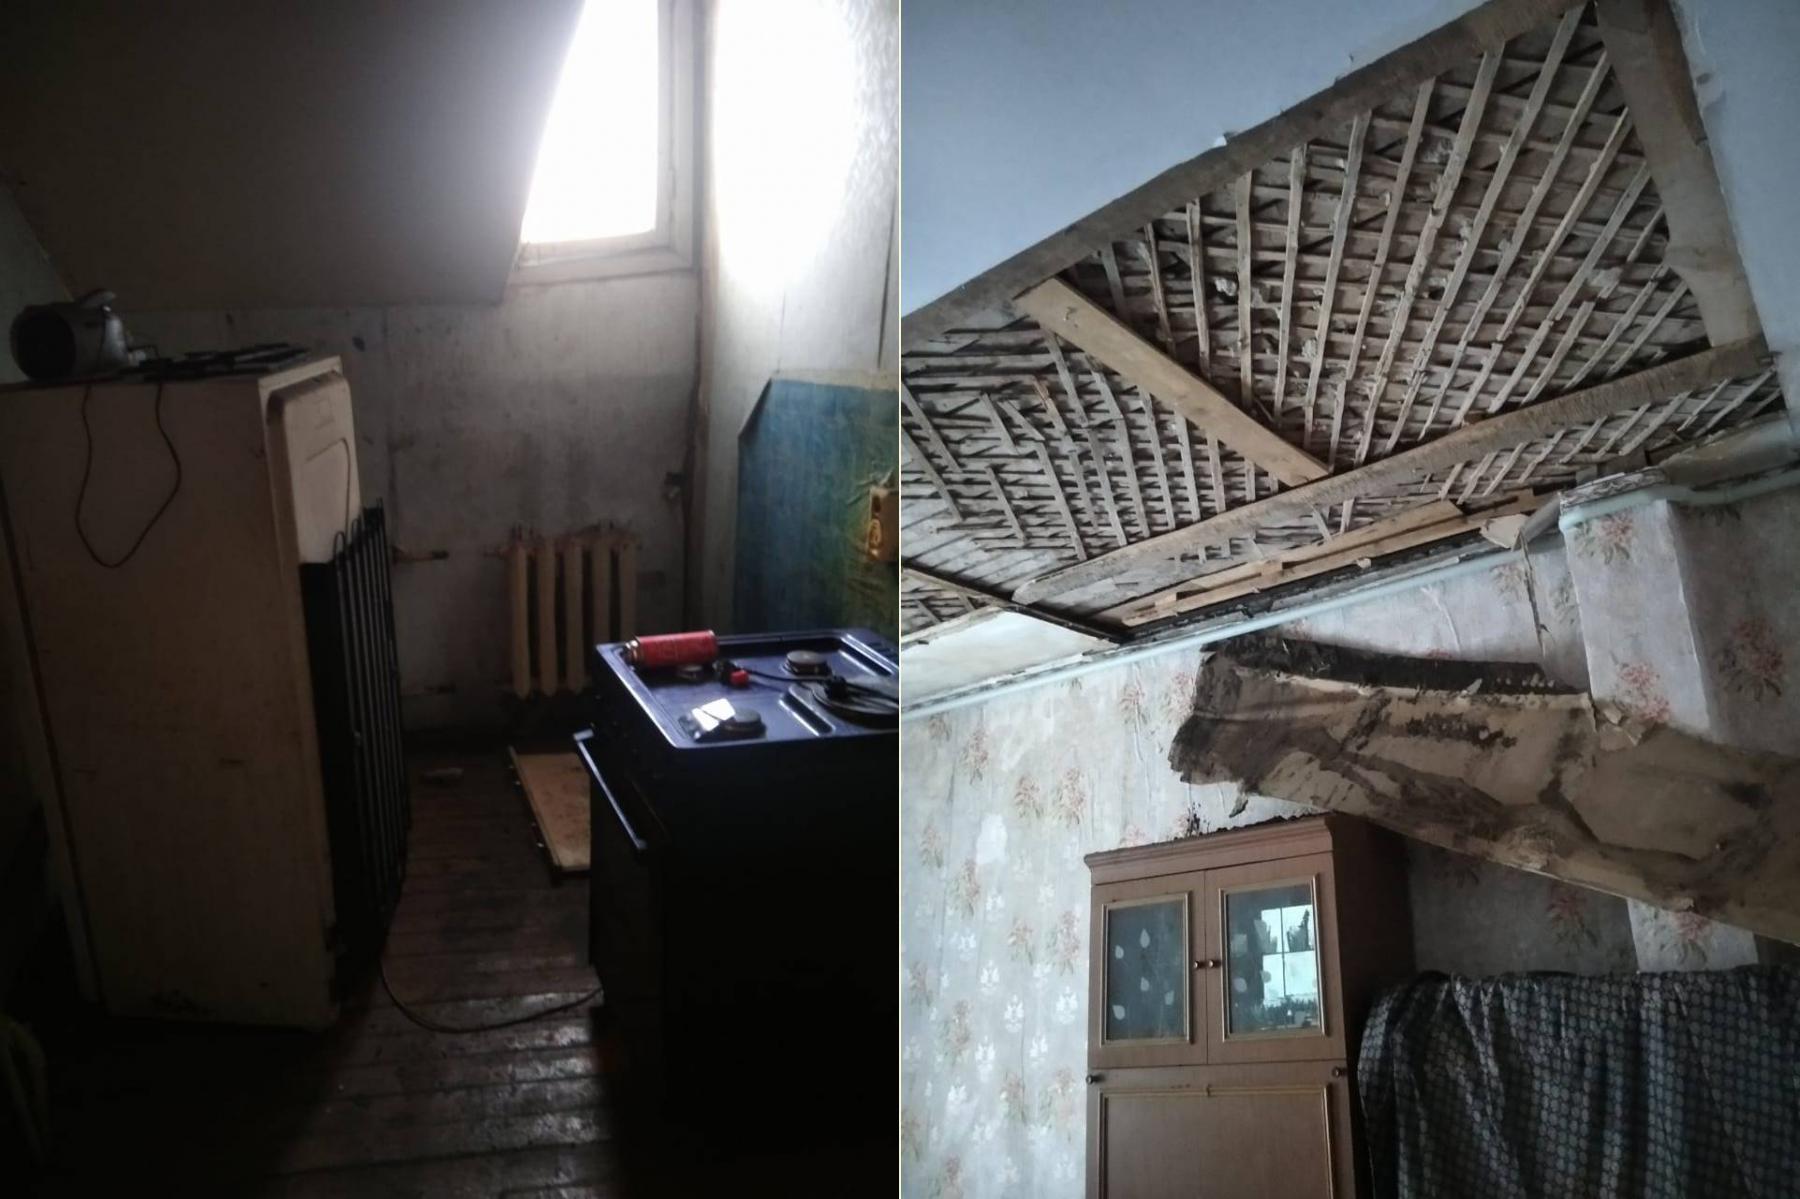 Фото «Адские трущобы 21 века»: десять жутких фото из затопленного кипятком аварийного дома в Новосибирске 3